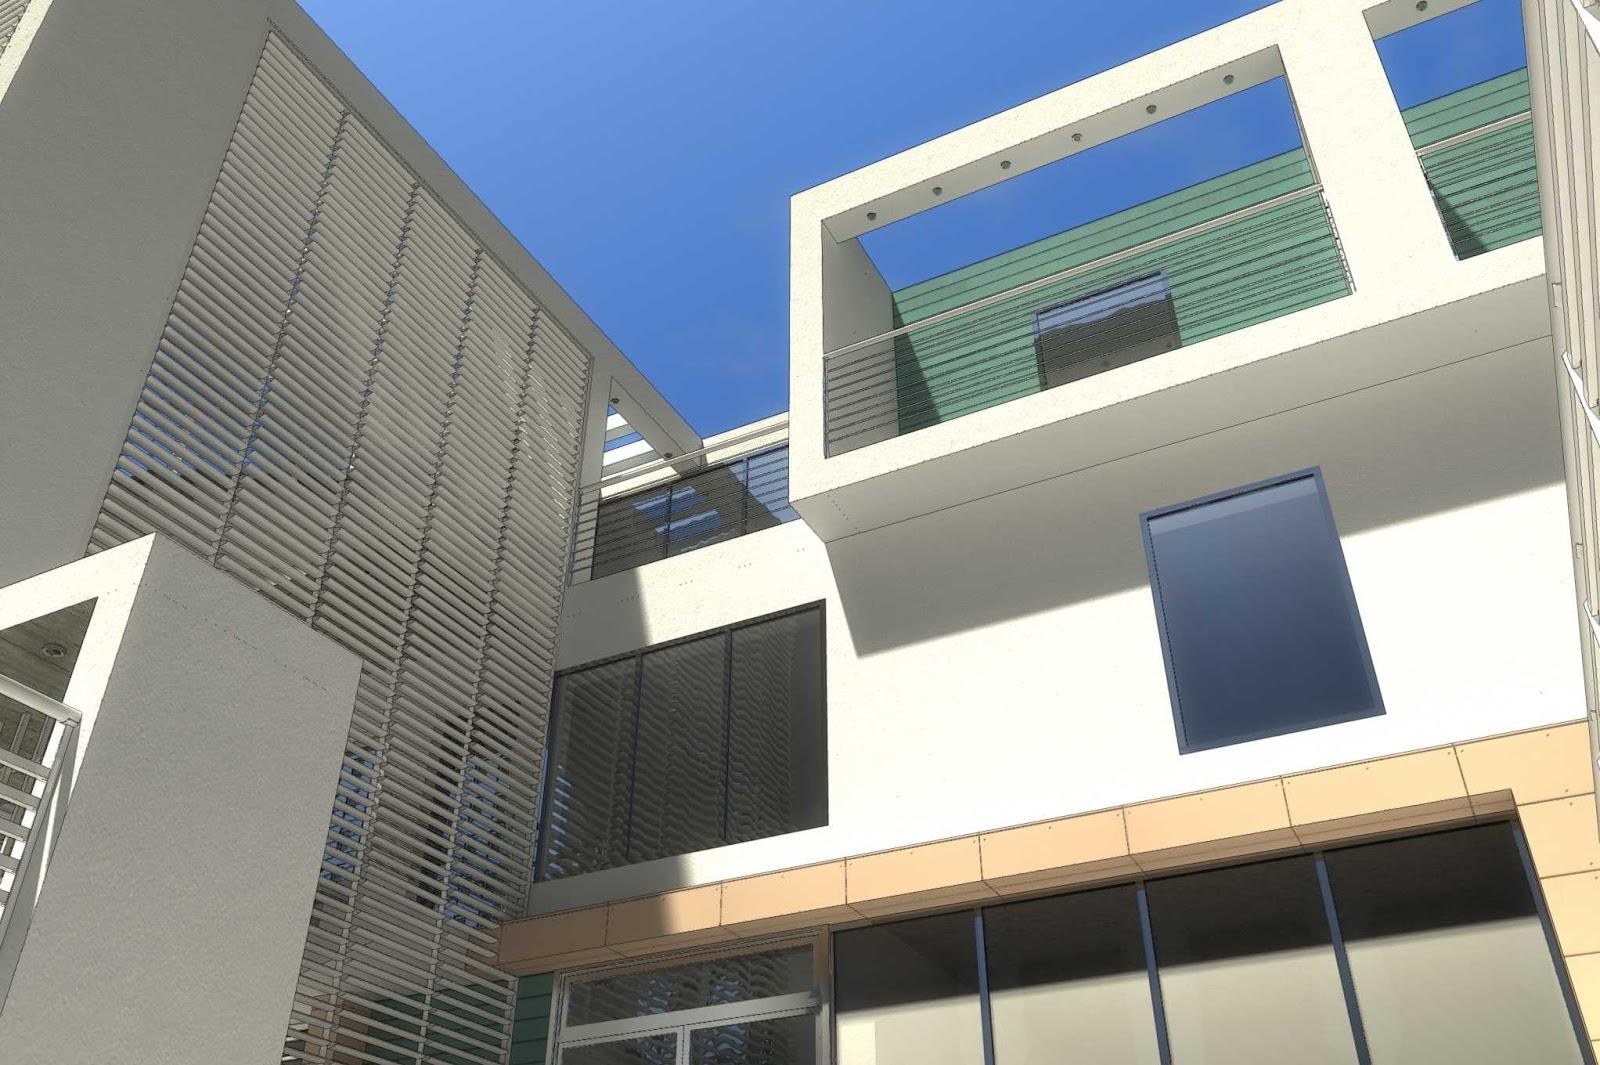 My archibim world 2009 08 architettura residenziale for Software di progettazione di architettura domestica